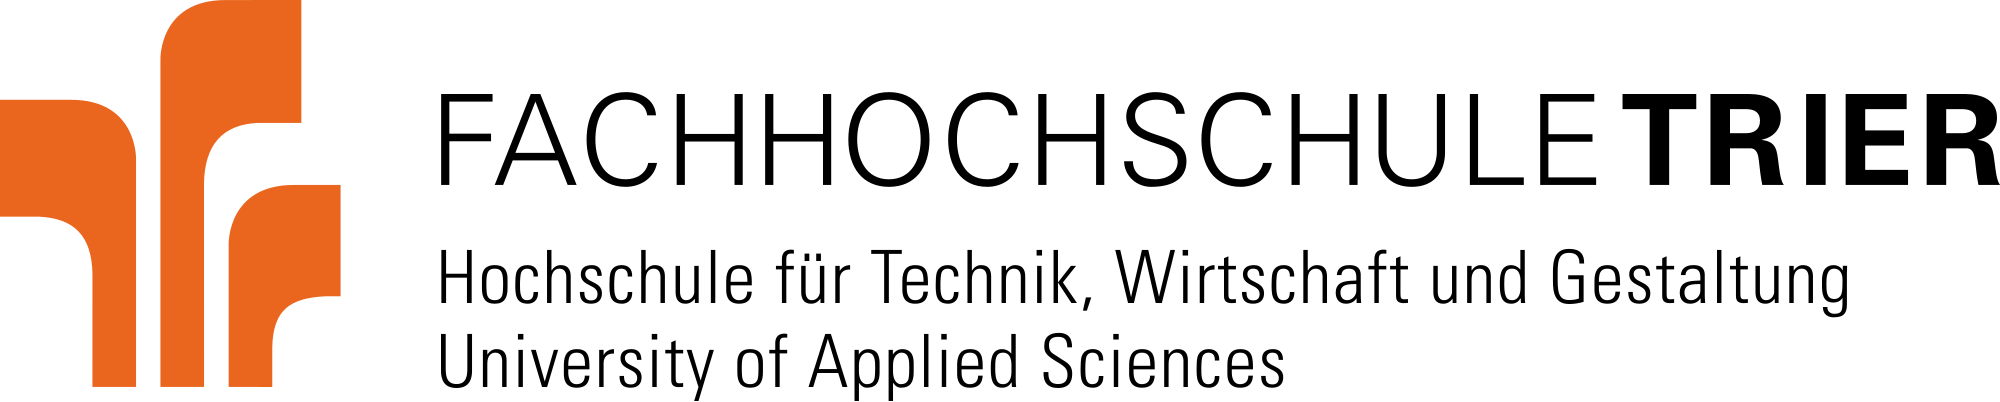 Fachhochschule_Trier_Logo.svg